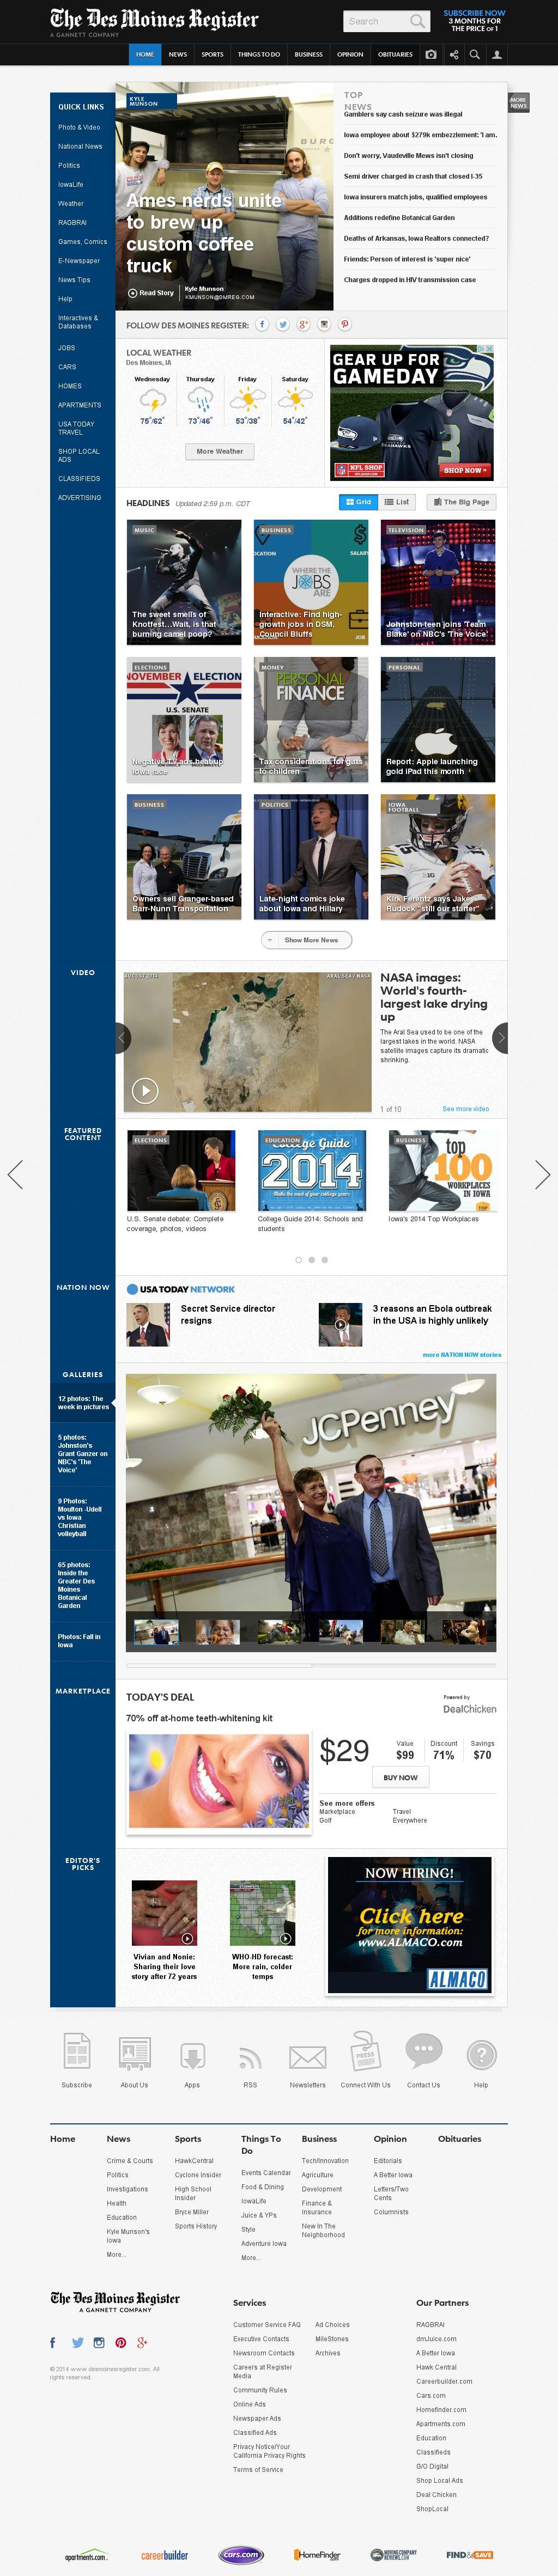 DesMoinesRegister.com at Wednesday Oct. 1, 2014, 8:03 p.m. UTC